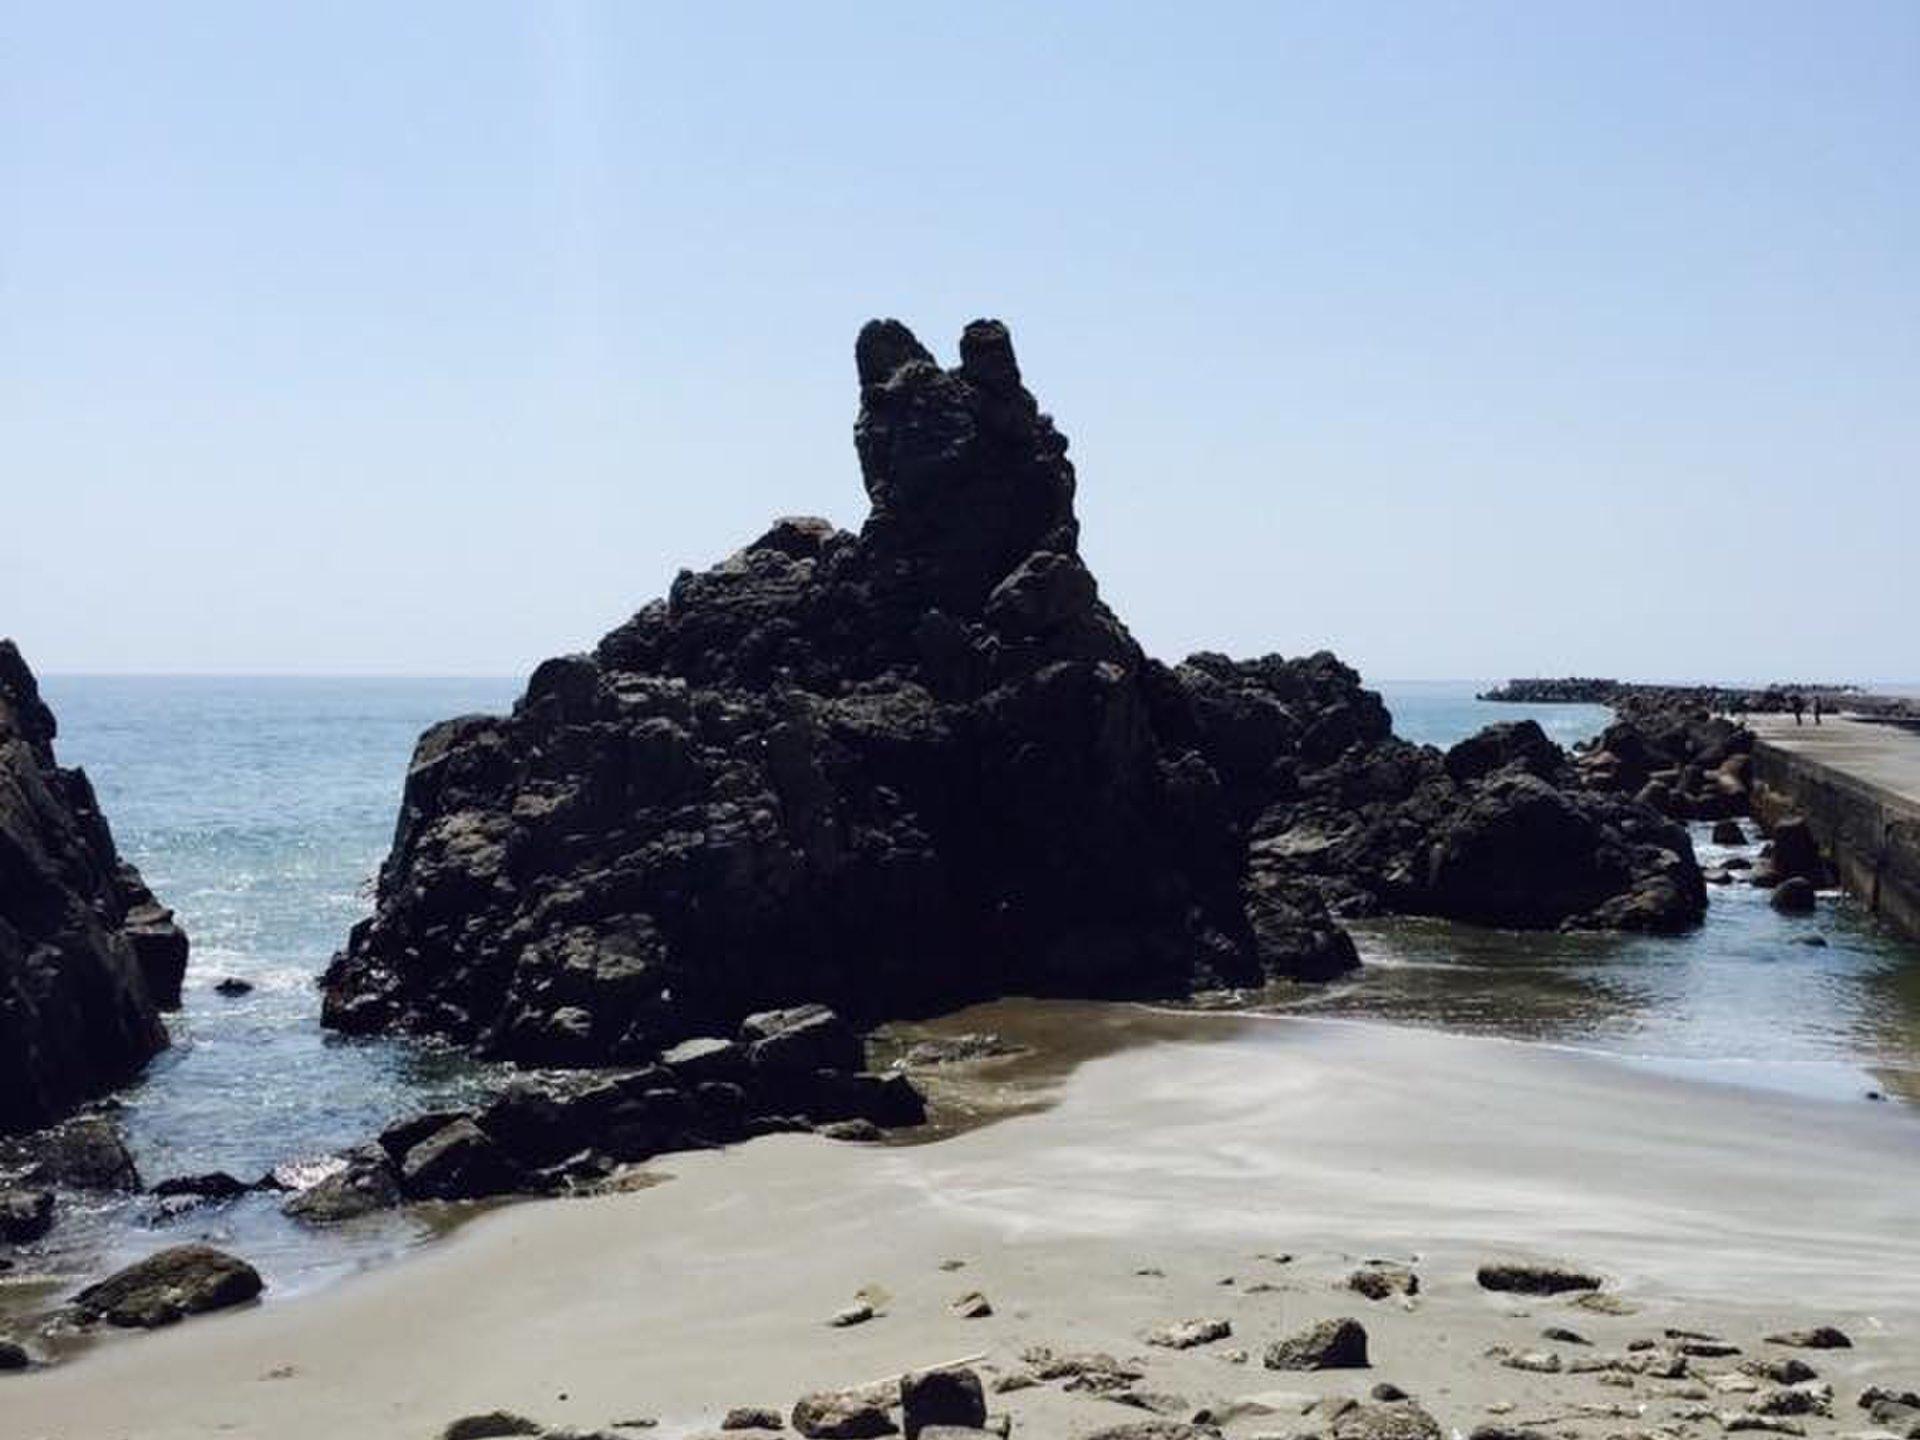 【銚子で美味しい海鮮と観光地】銚子での美味しい海鮮はもちろん、他にも素敵な場所が盛り沢山!